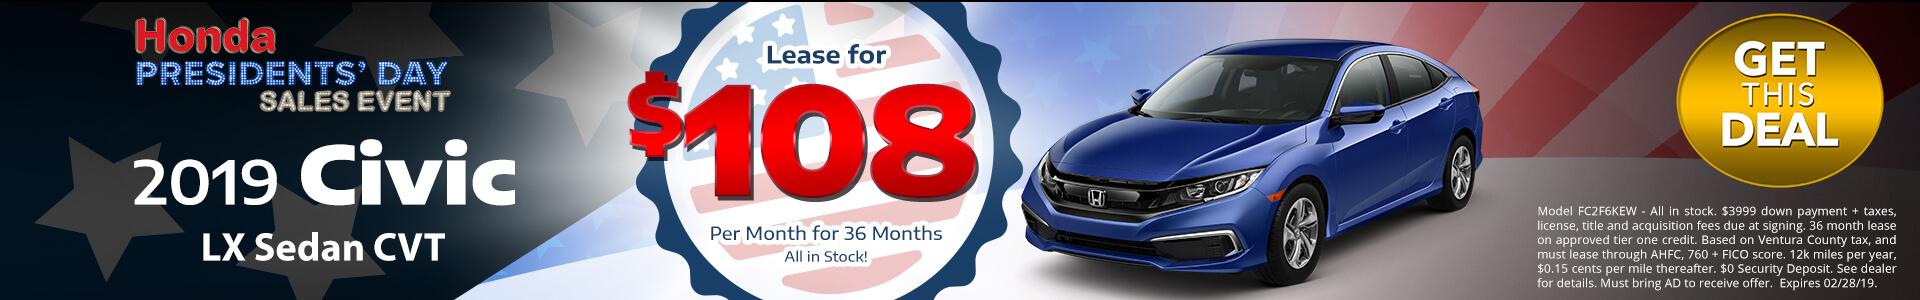 Honda Civic Sedan $108 Lease